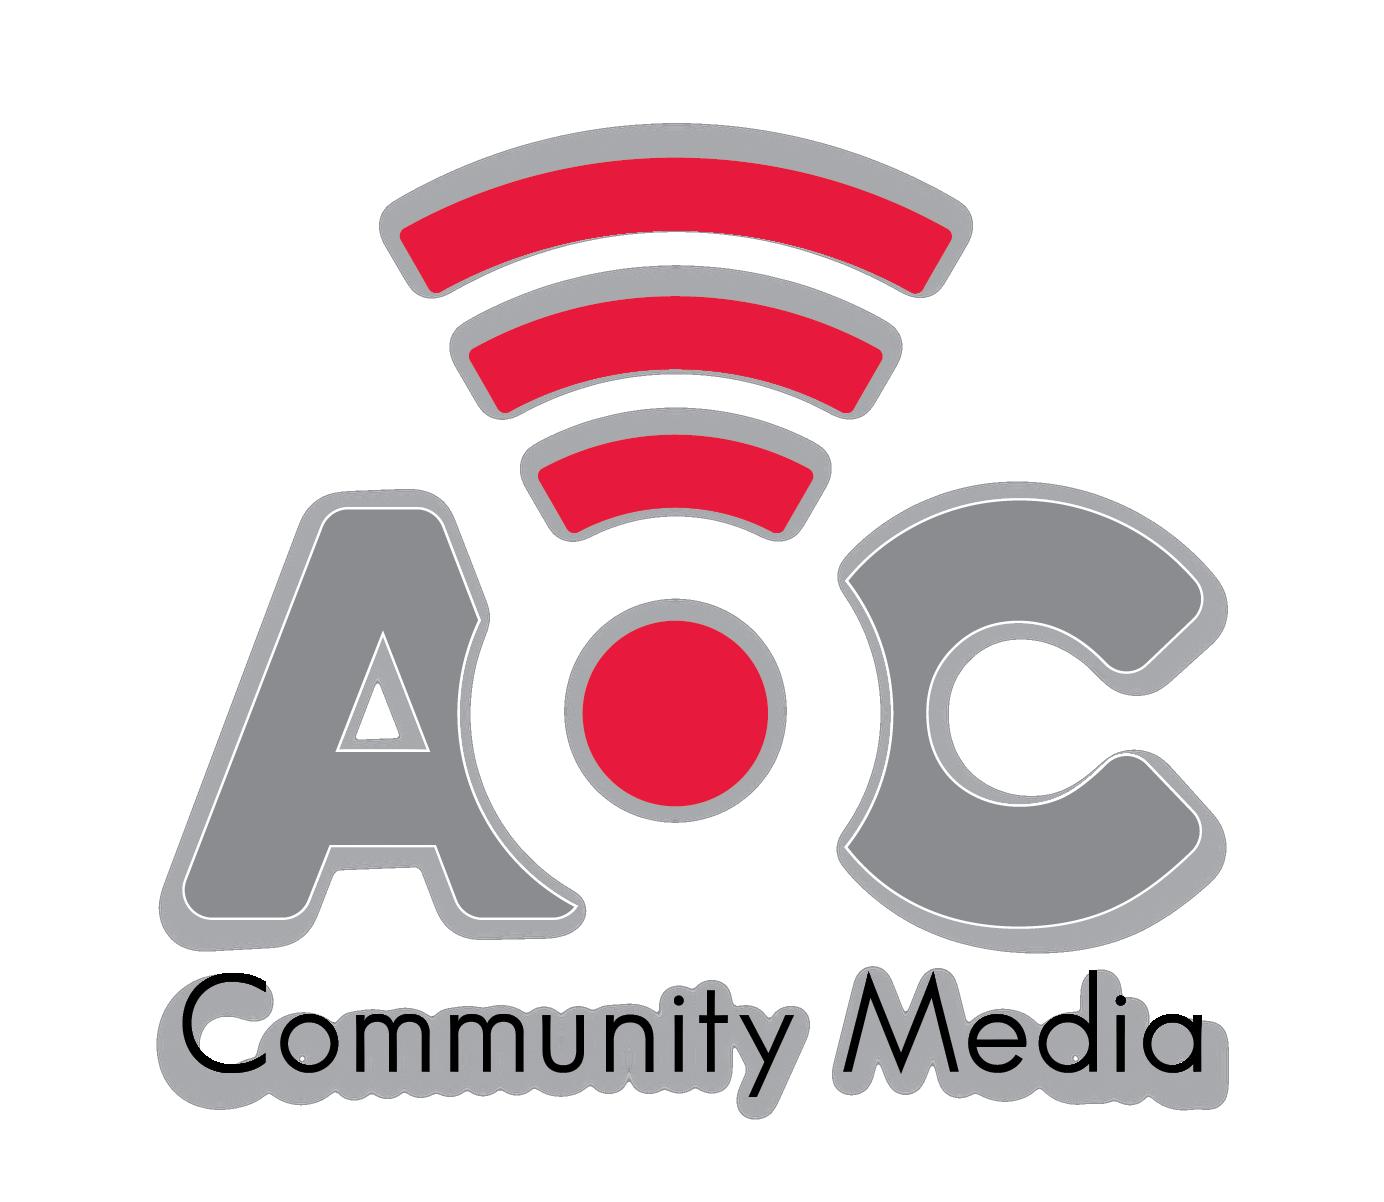 Lighting Kit Safety Quiz Aoc Community Media